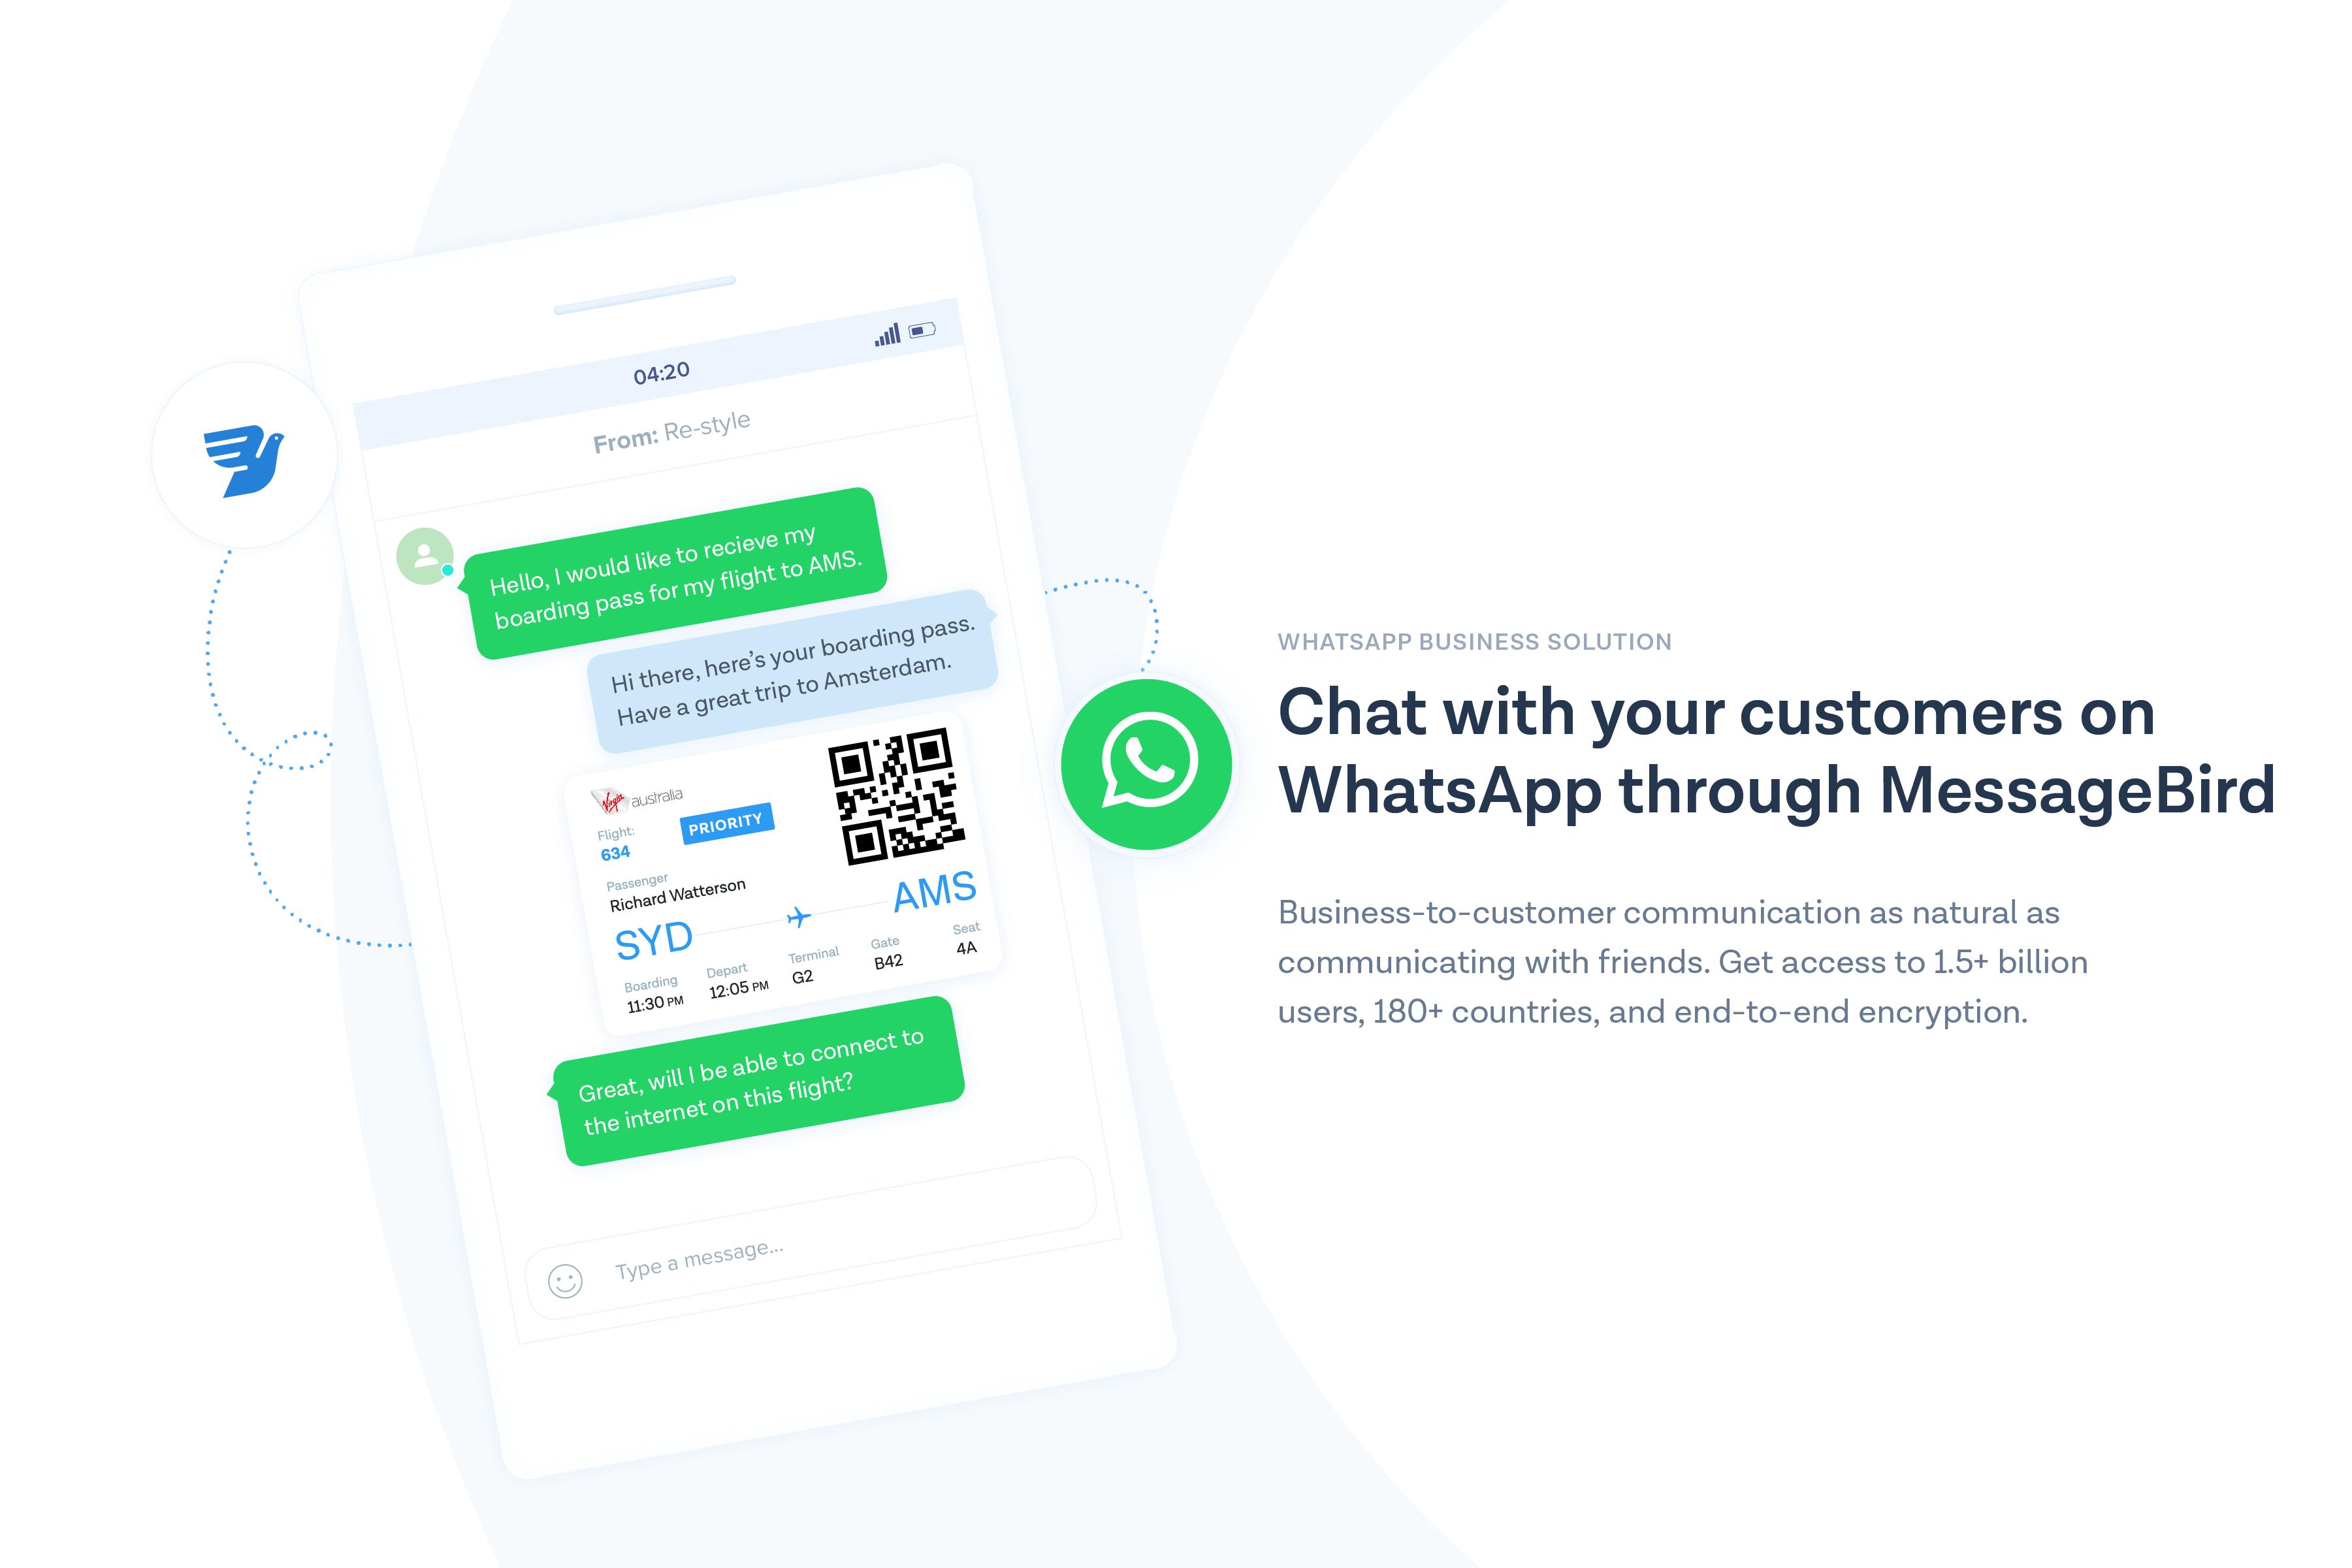 MessageBird Demo - WhatsApp Business Solution with MessageBird